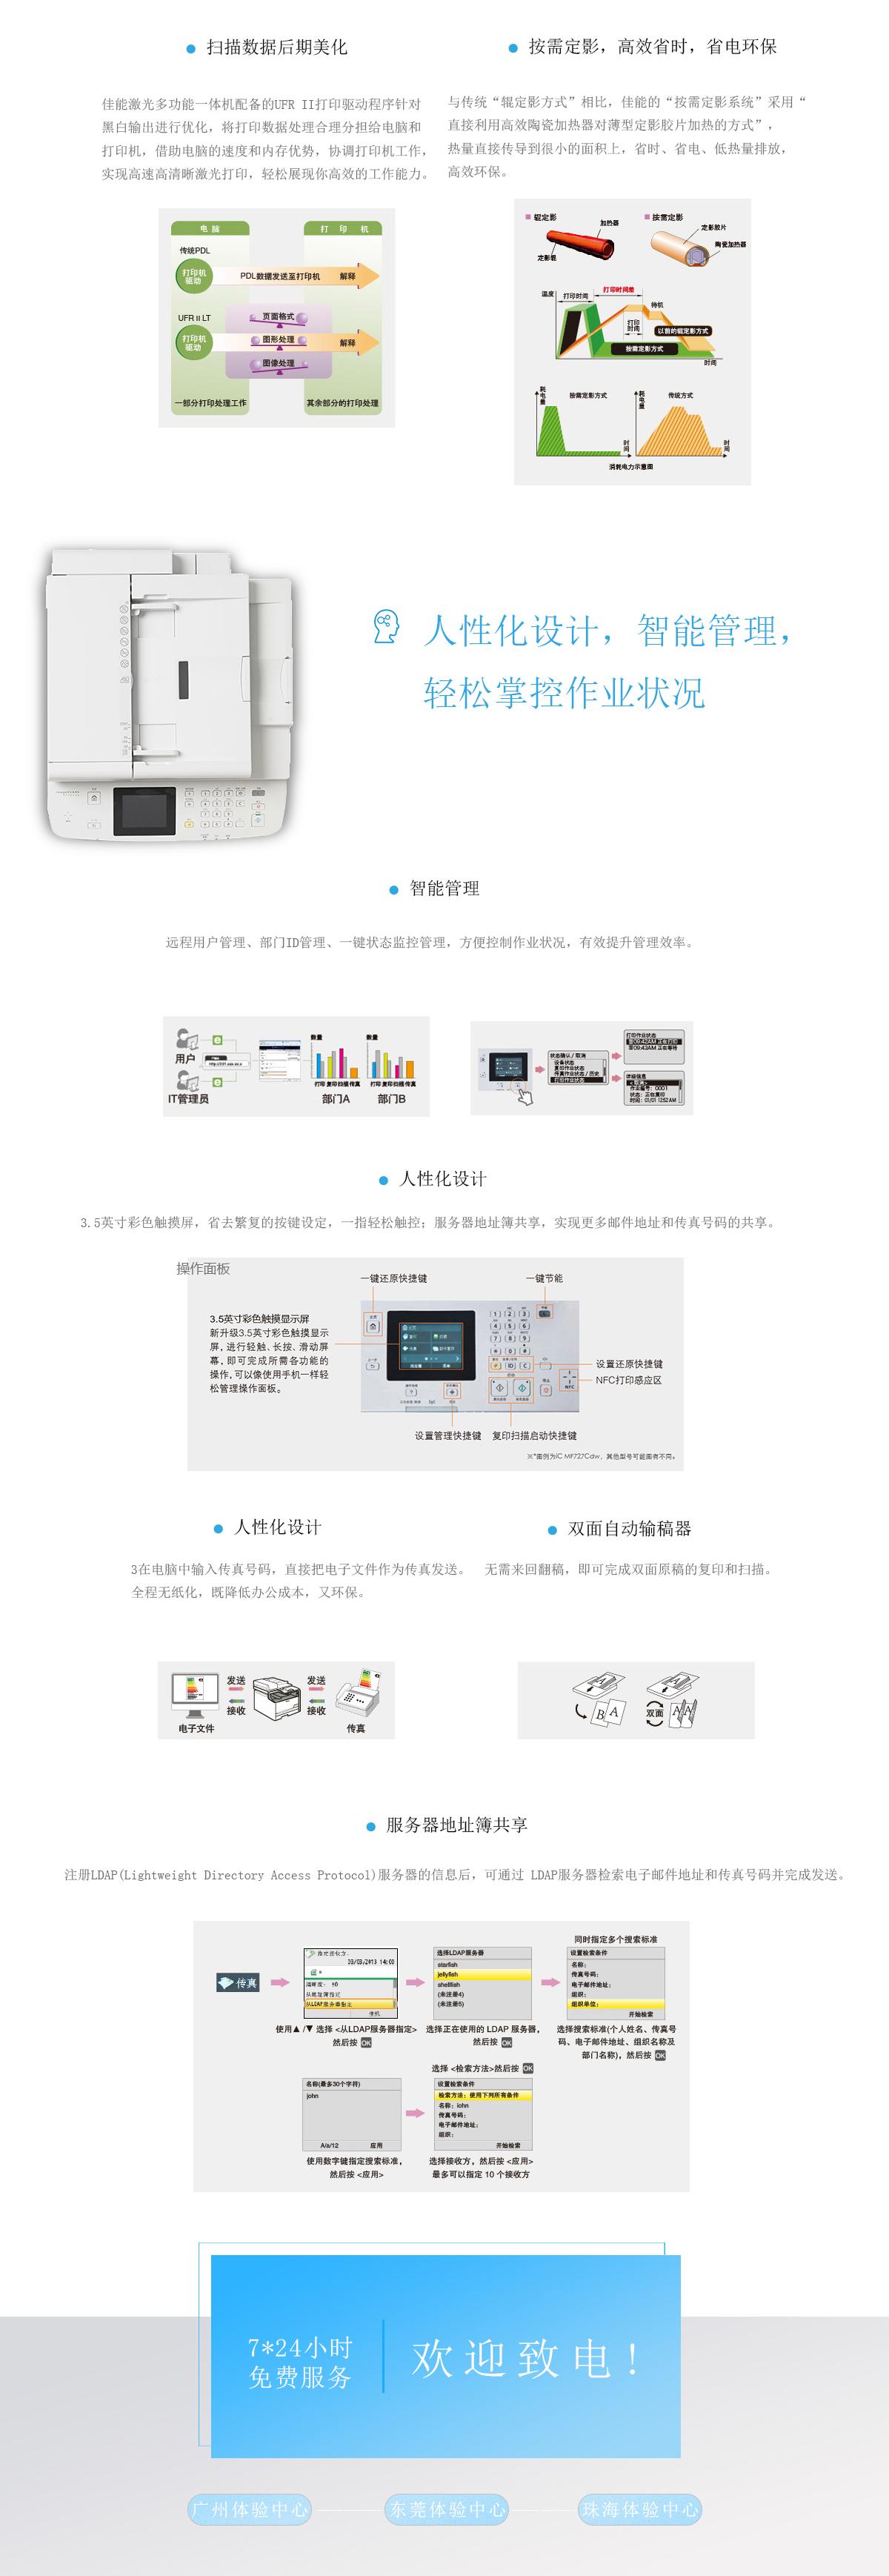 (准新机)MF6180dn 佳能黑白 A4 一体机(打印/复印/网络扫描)(图3)